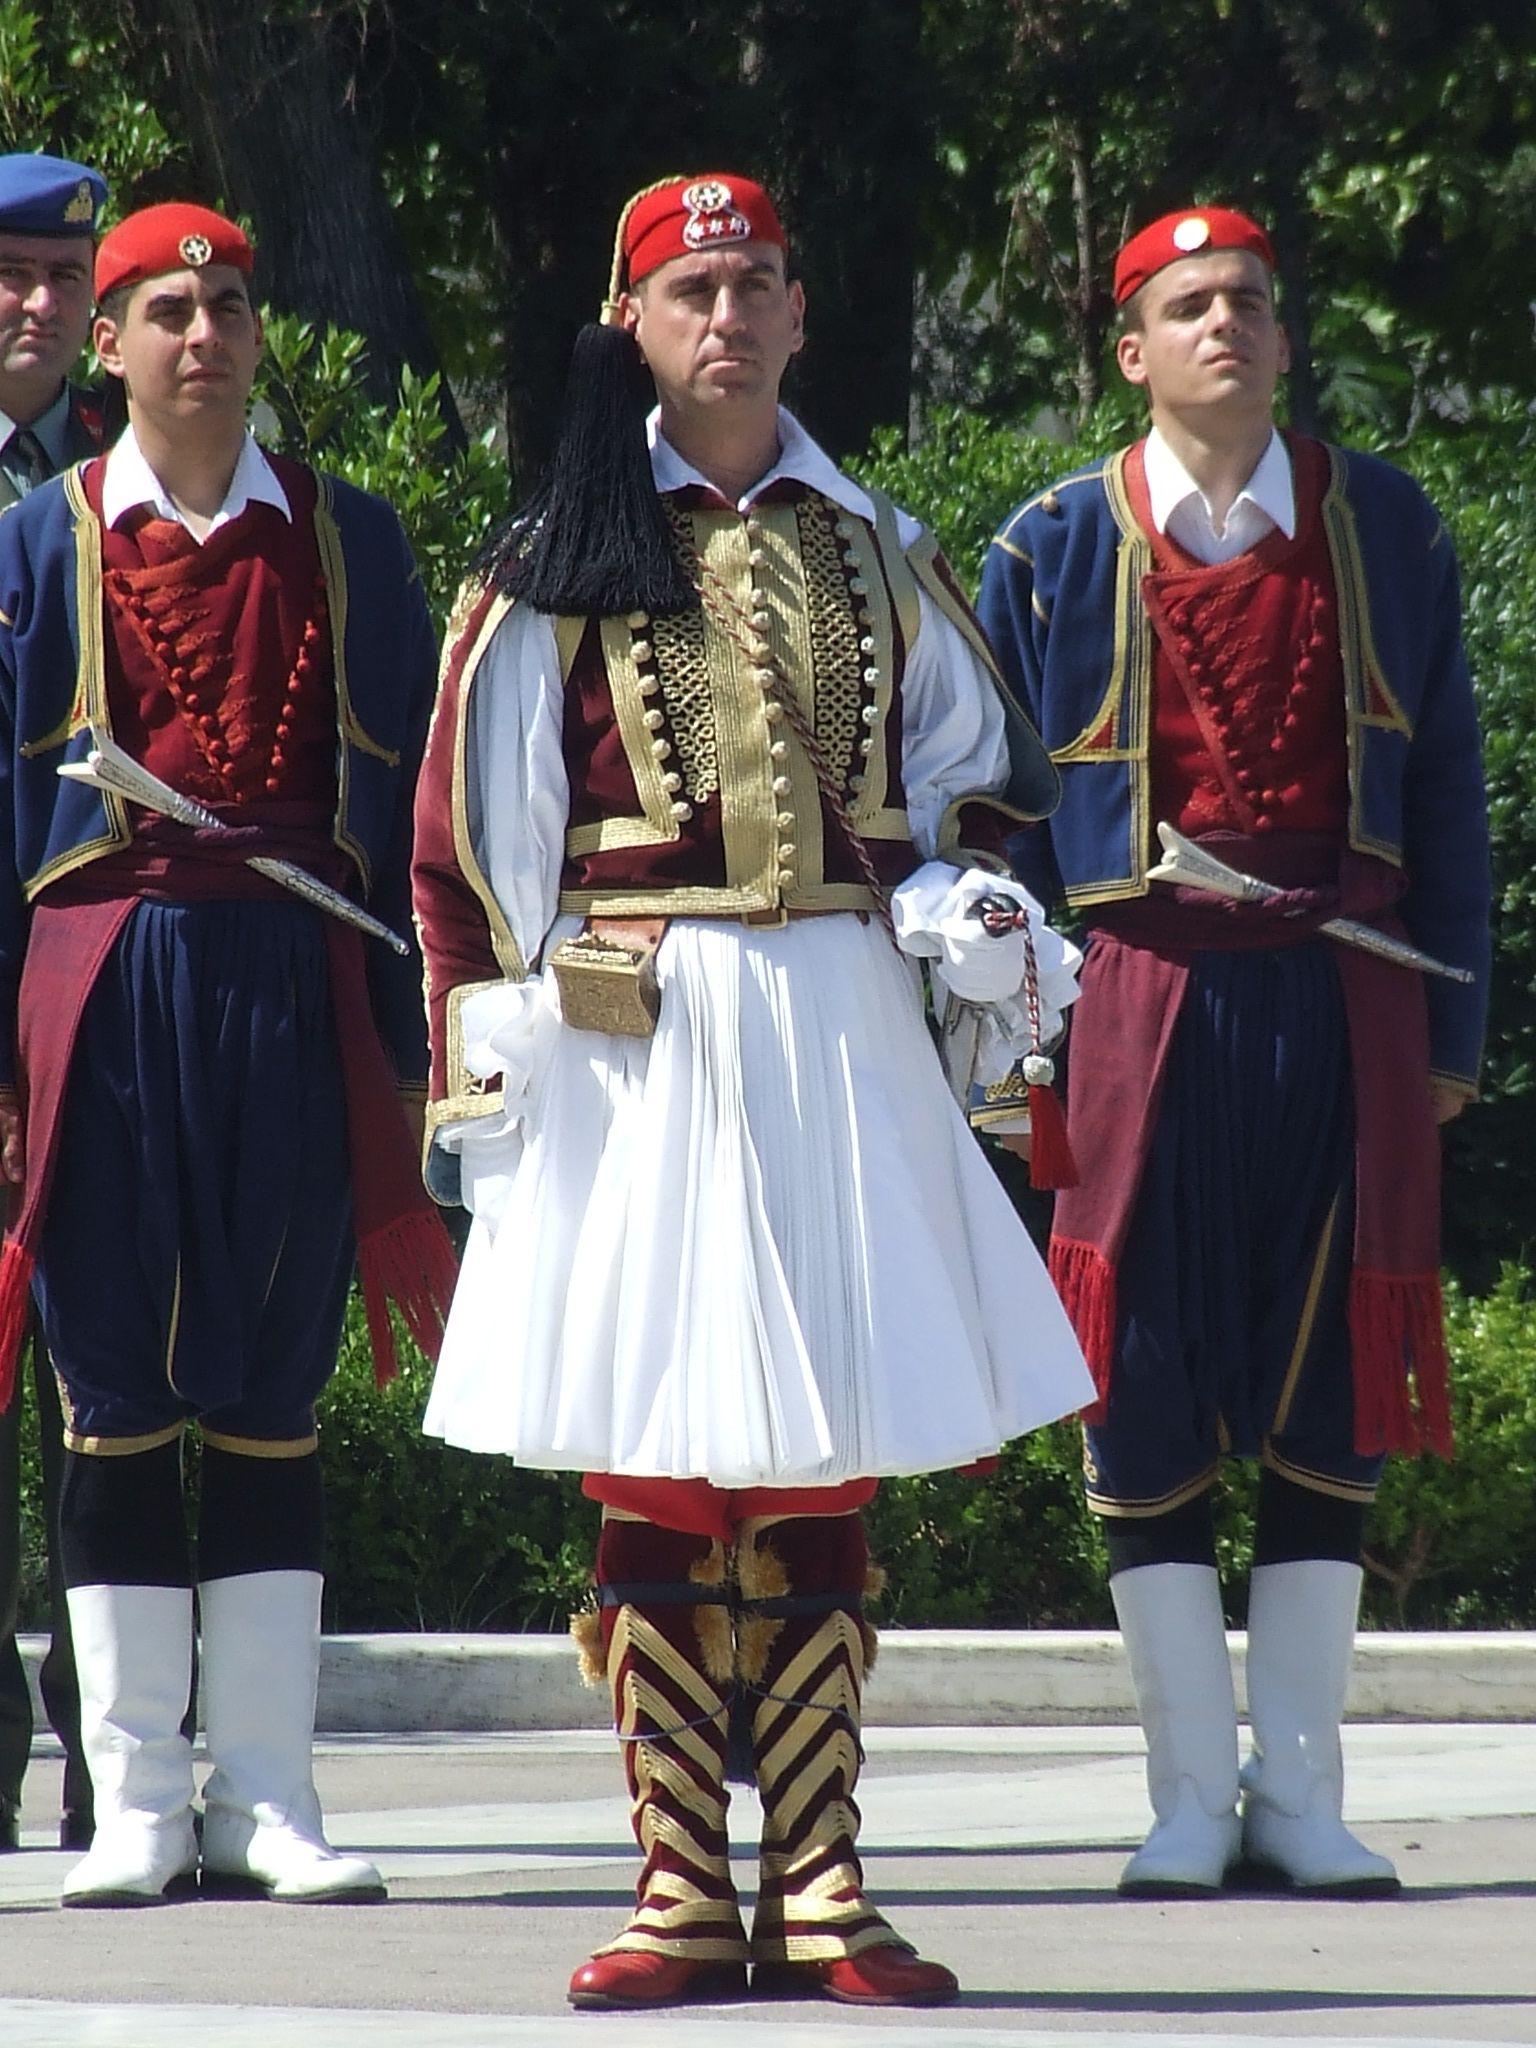 Costume Folklorique top 10 des costumes traditionnels nationaux rigolos, mais assez